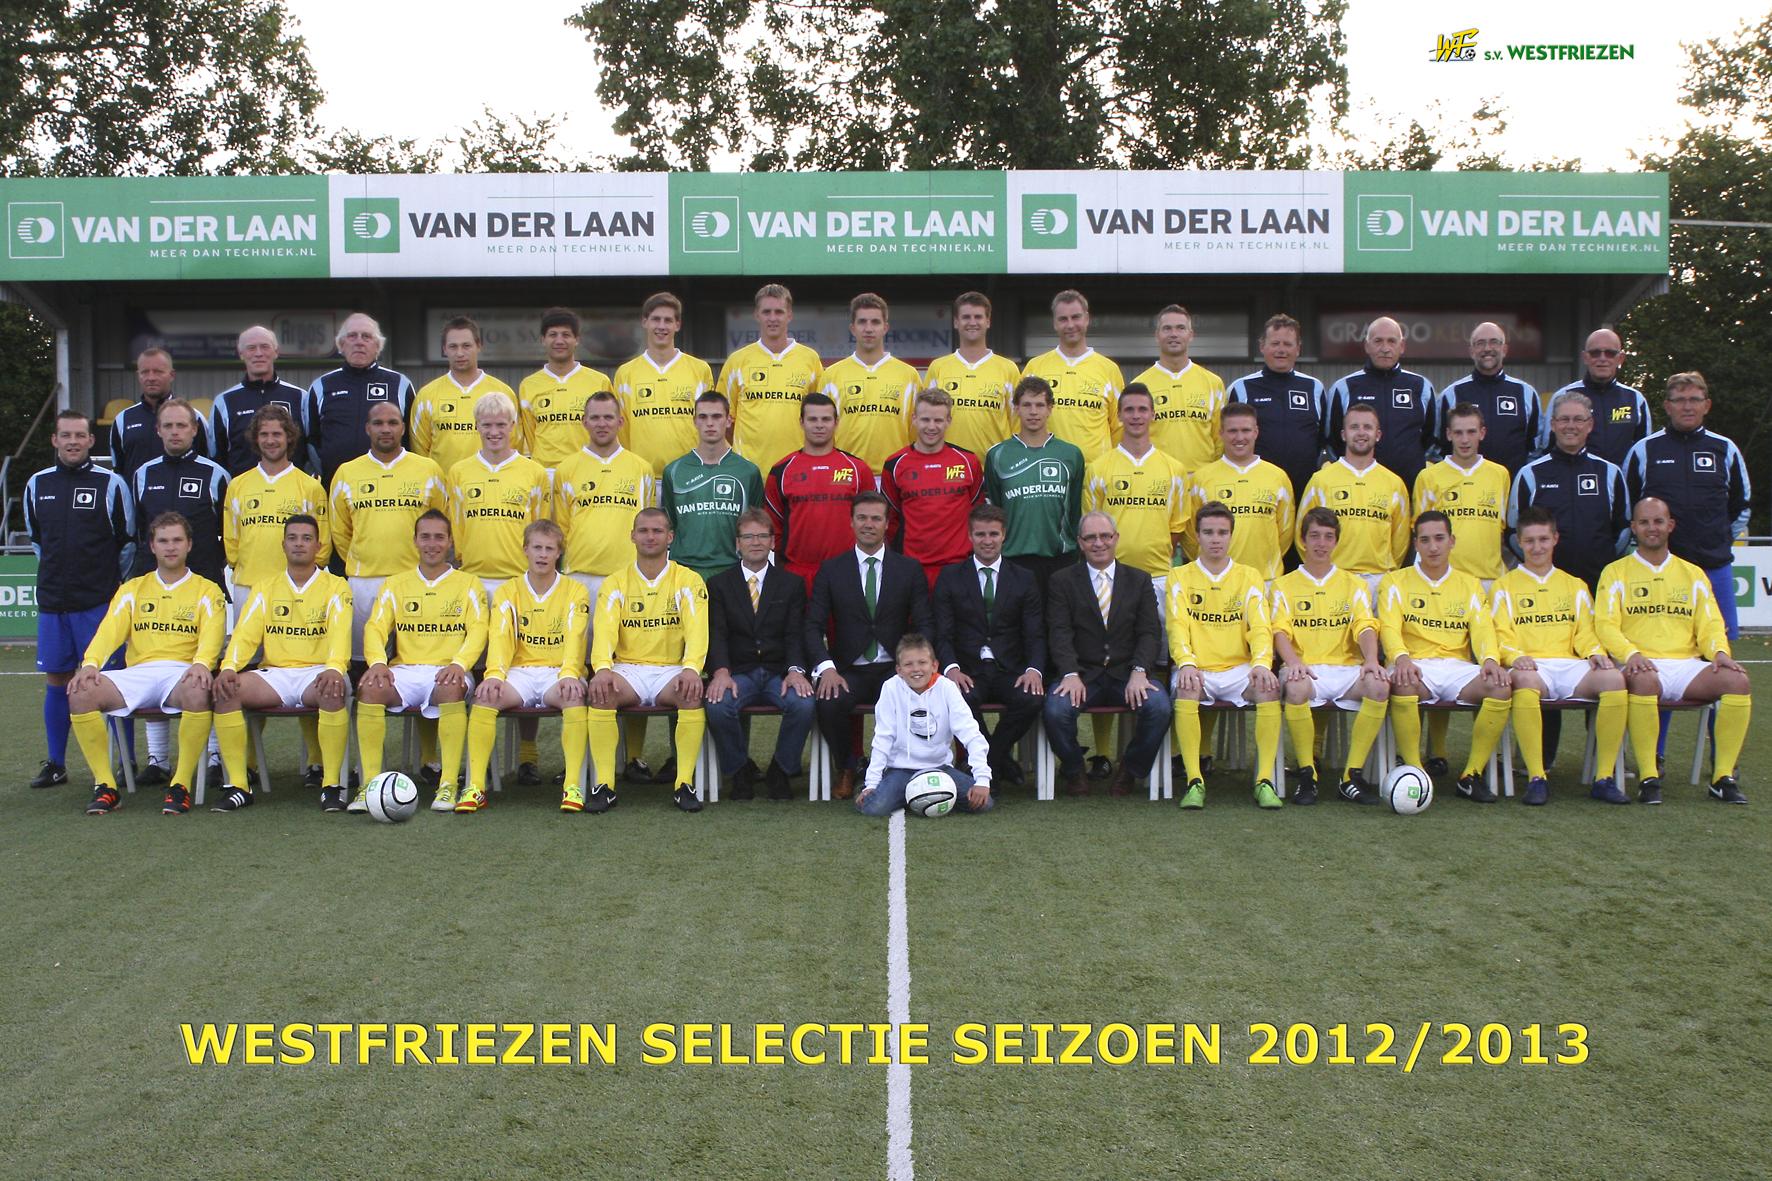 Voetbal Westfriezen 1